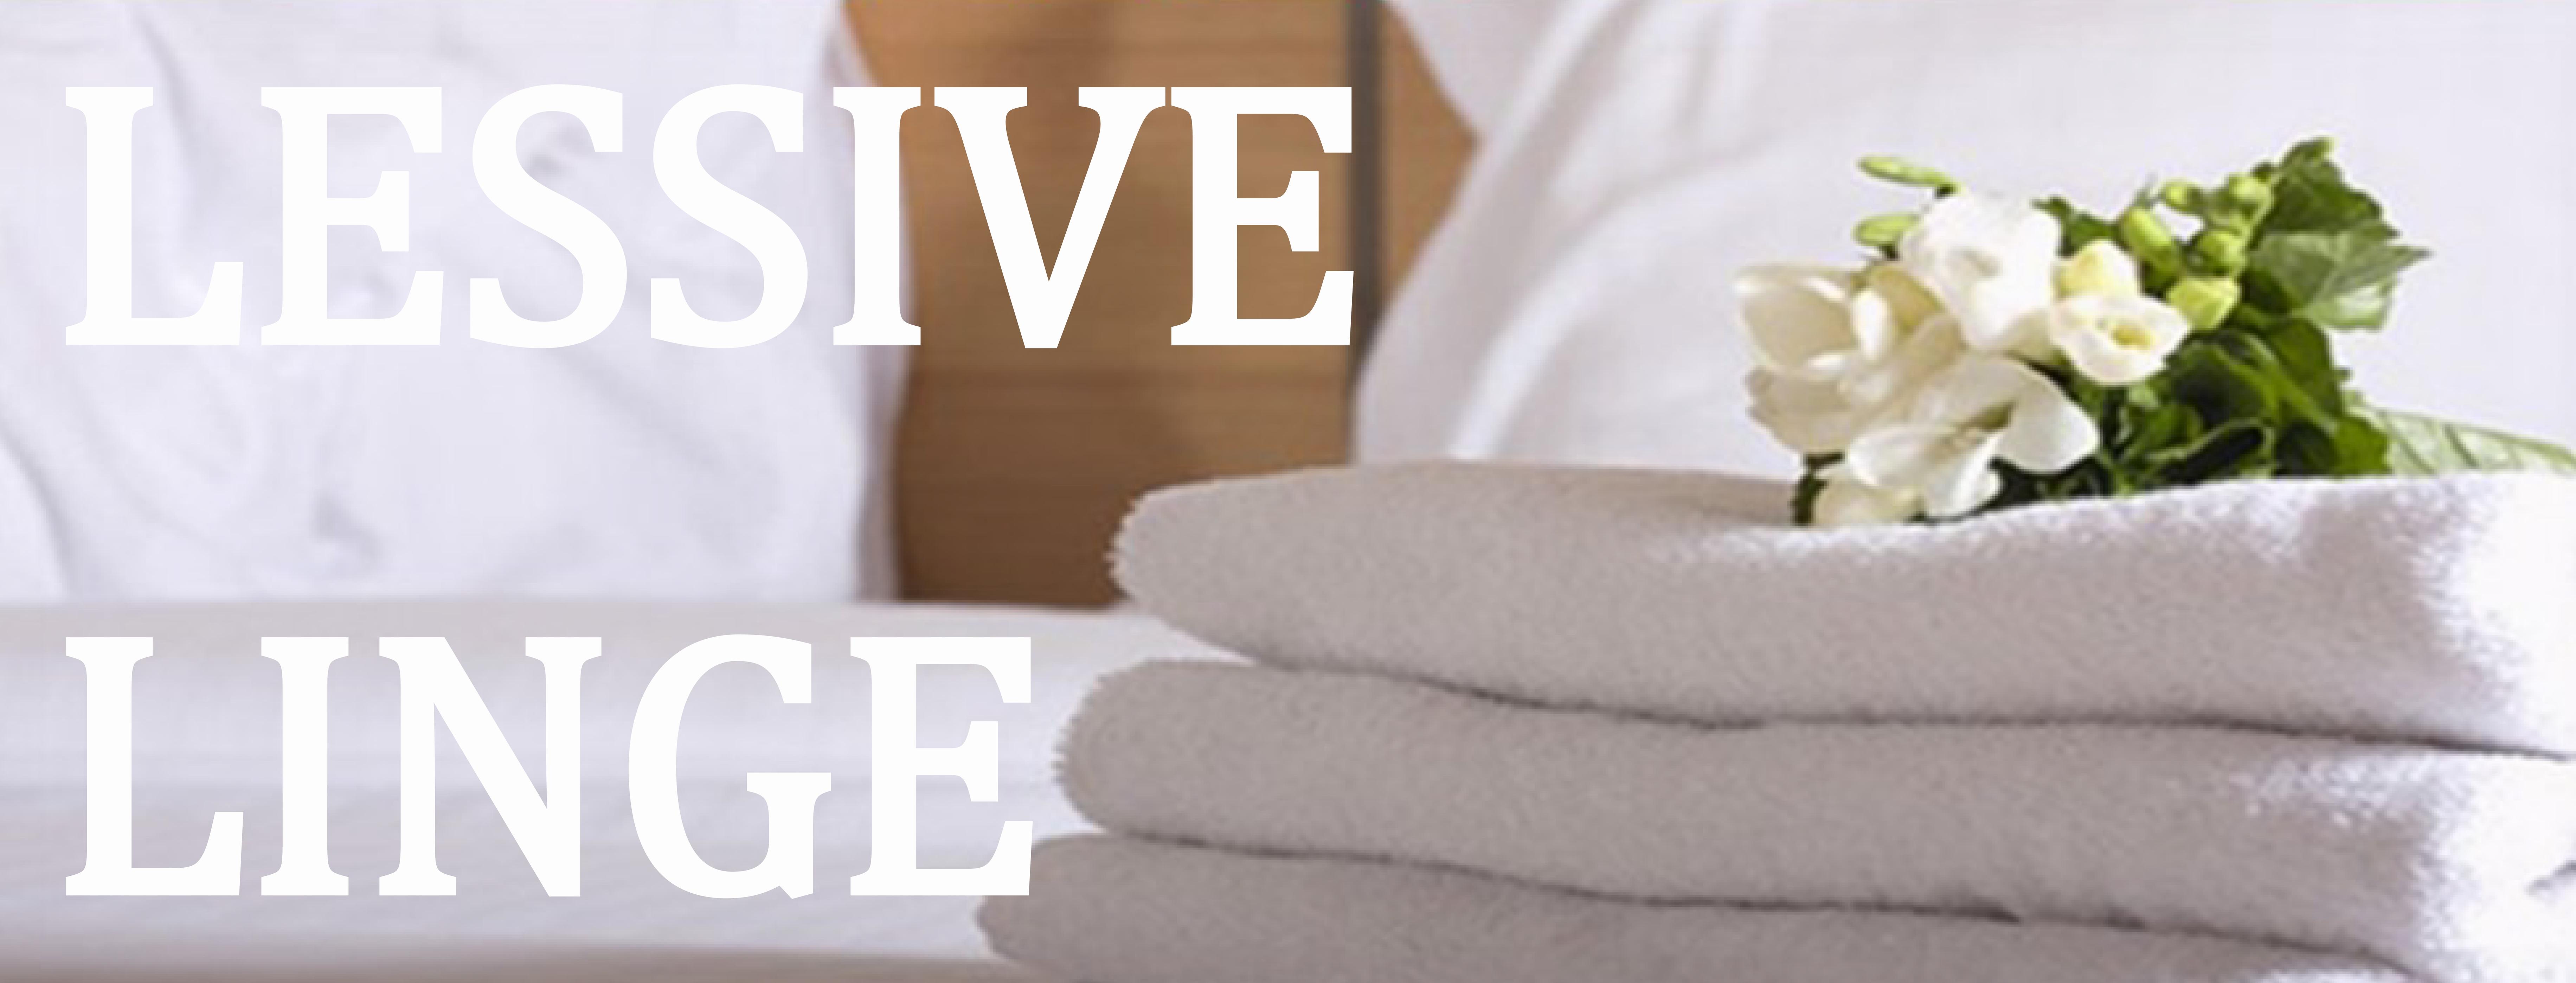 lessive linge recette z ro d chet saine et conomique v i e. Black Bedroom Furniture Sets. Home Design Ideas